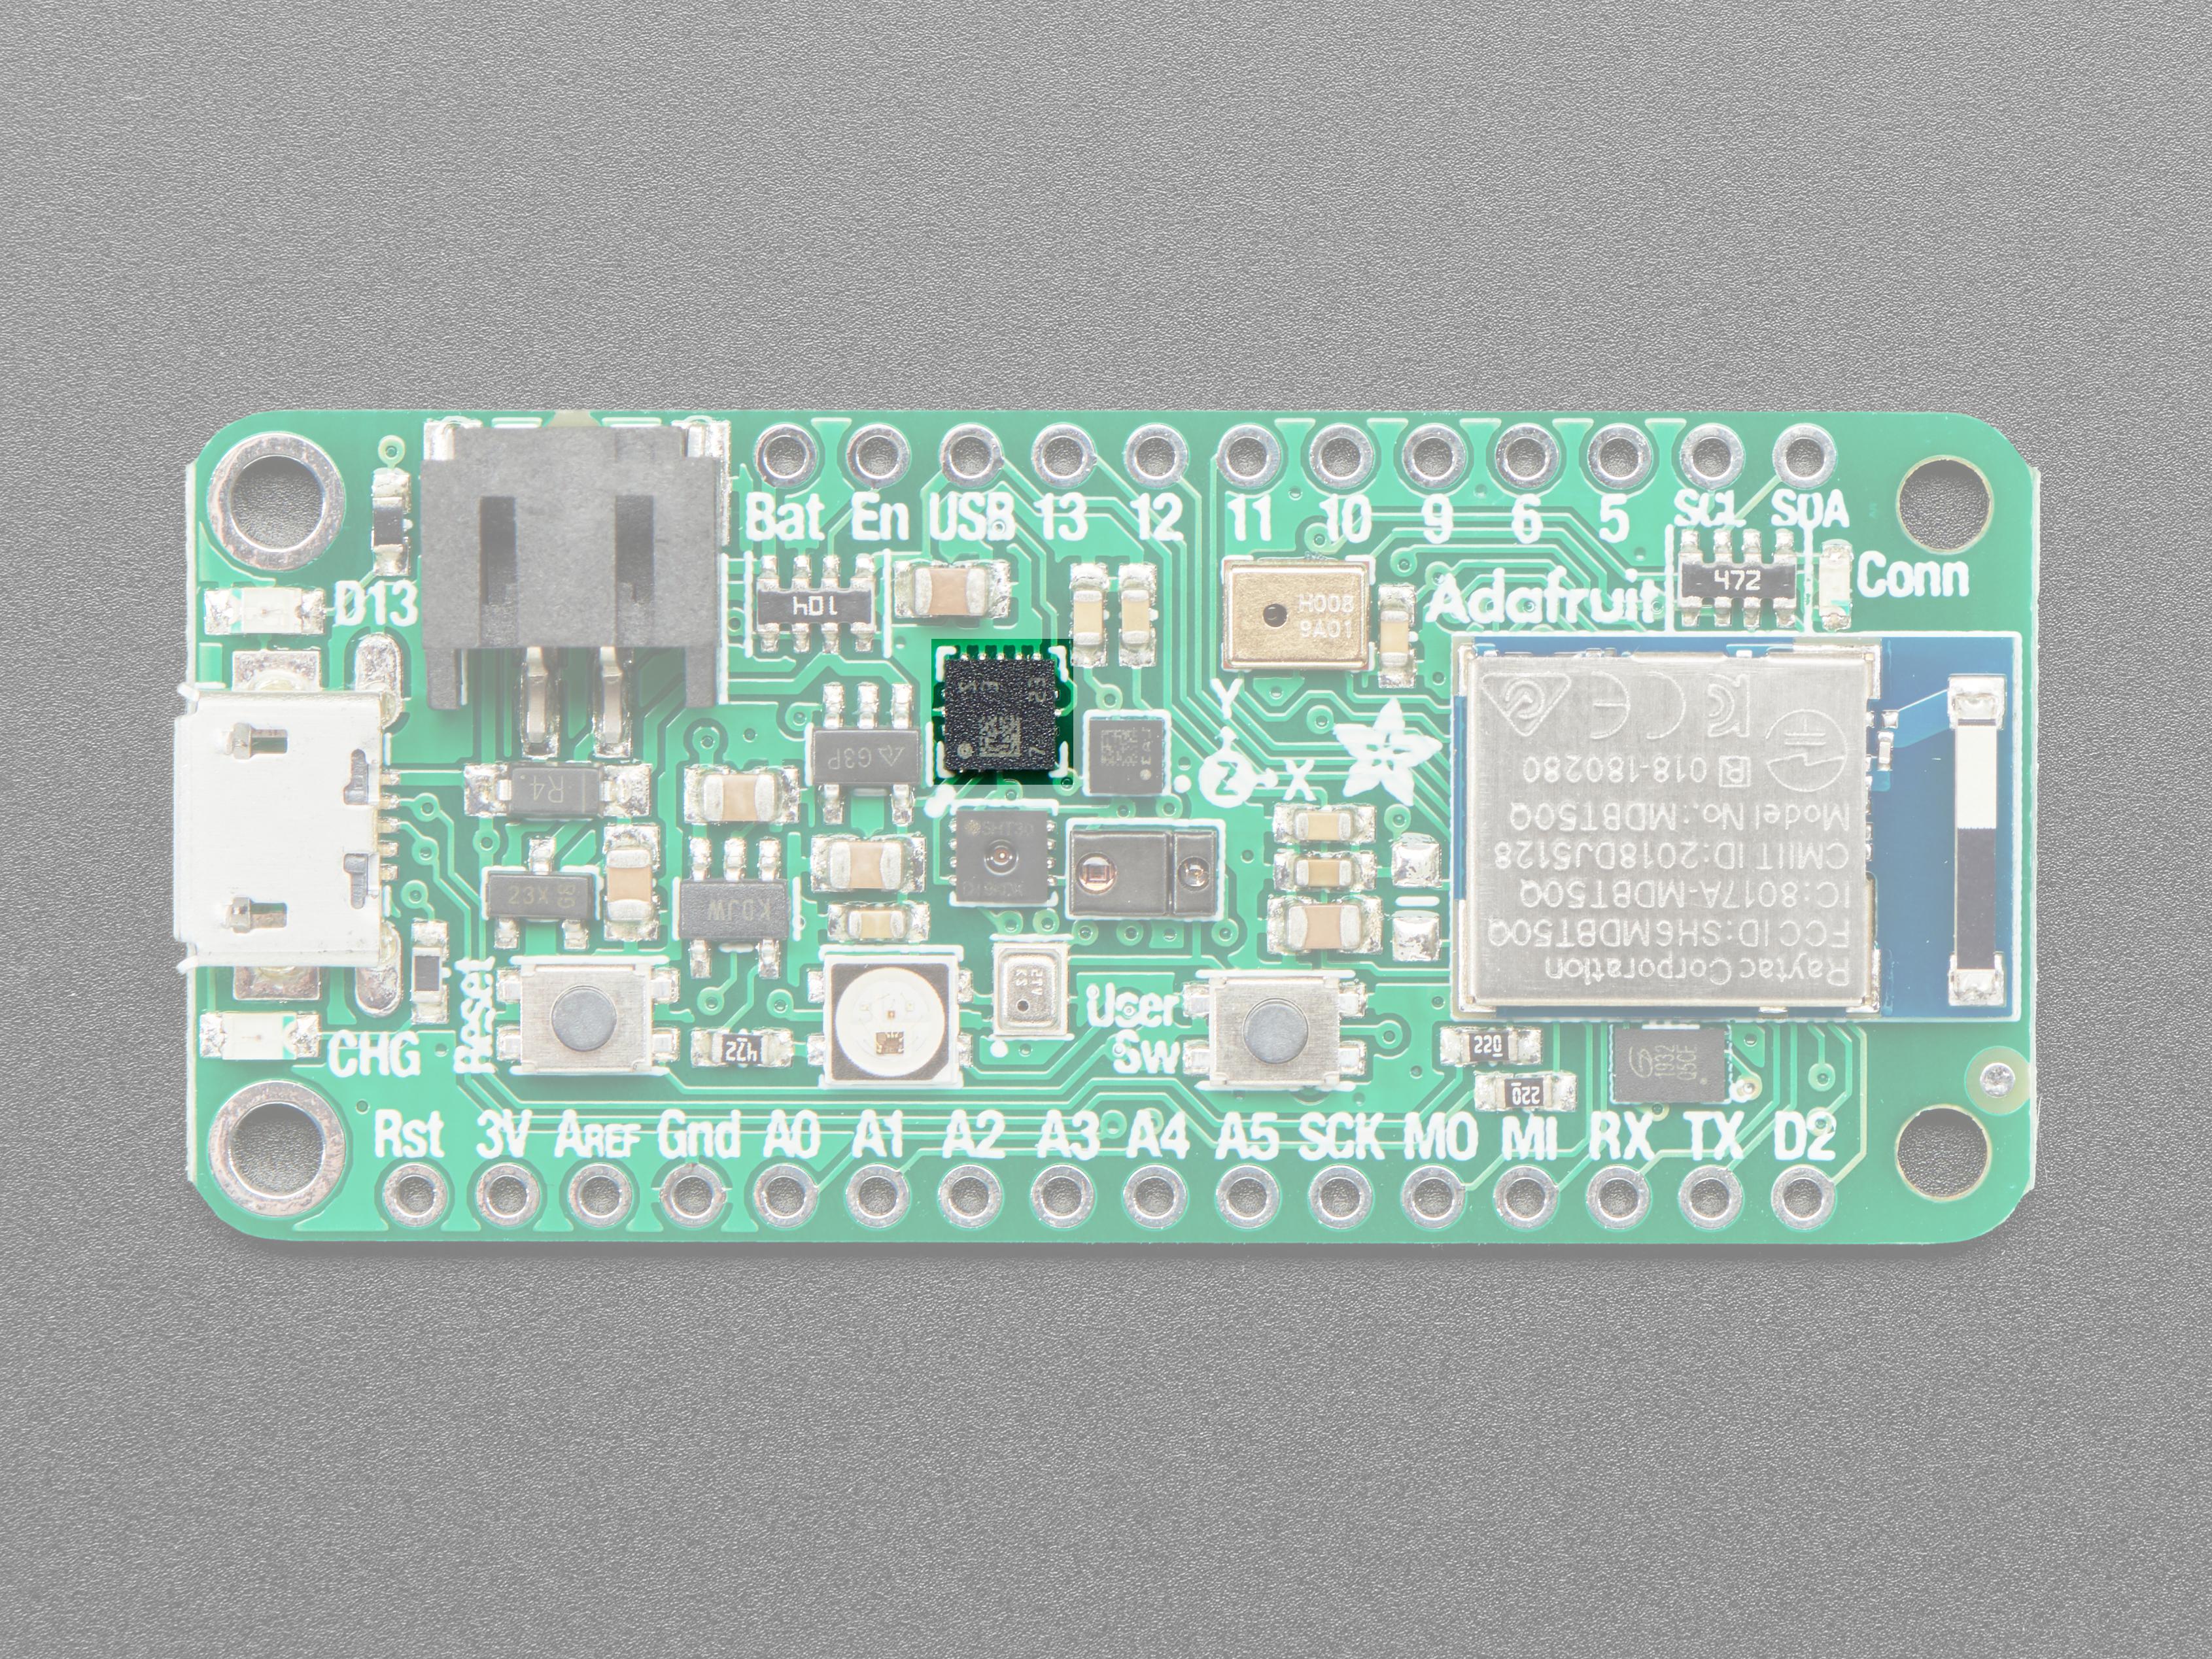 sensors_Feather_Sense_pinouts_gyro_accel.png